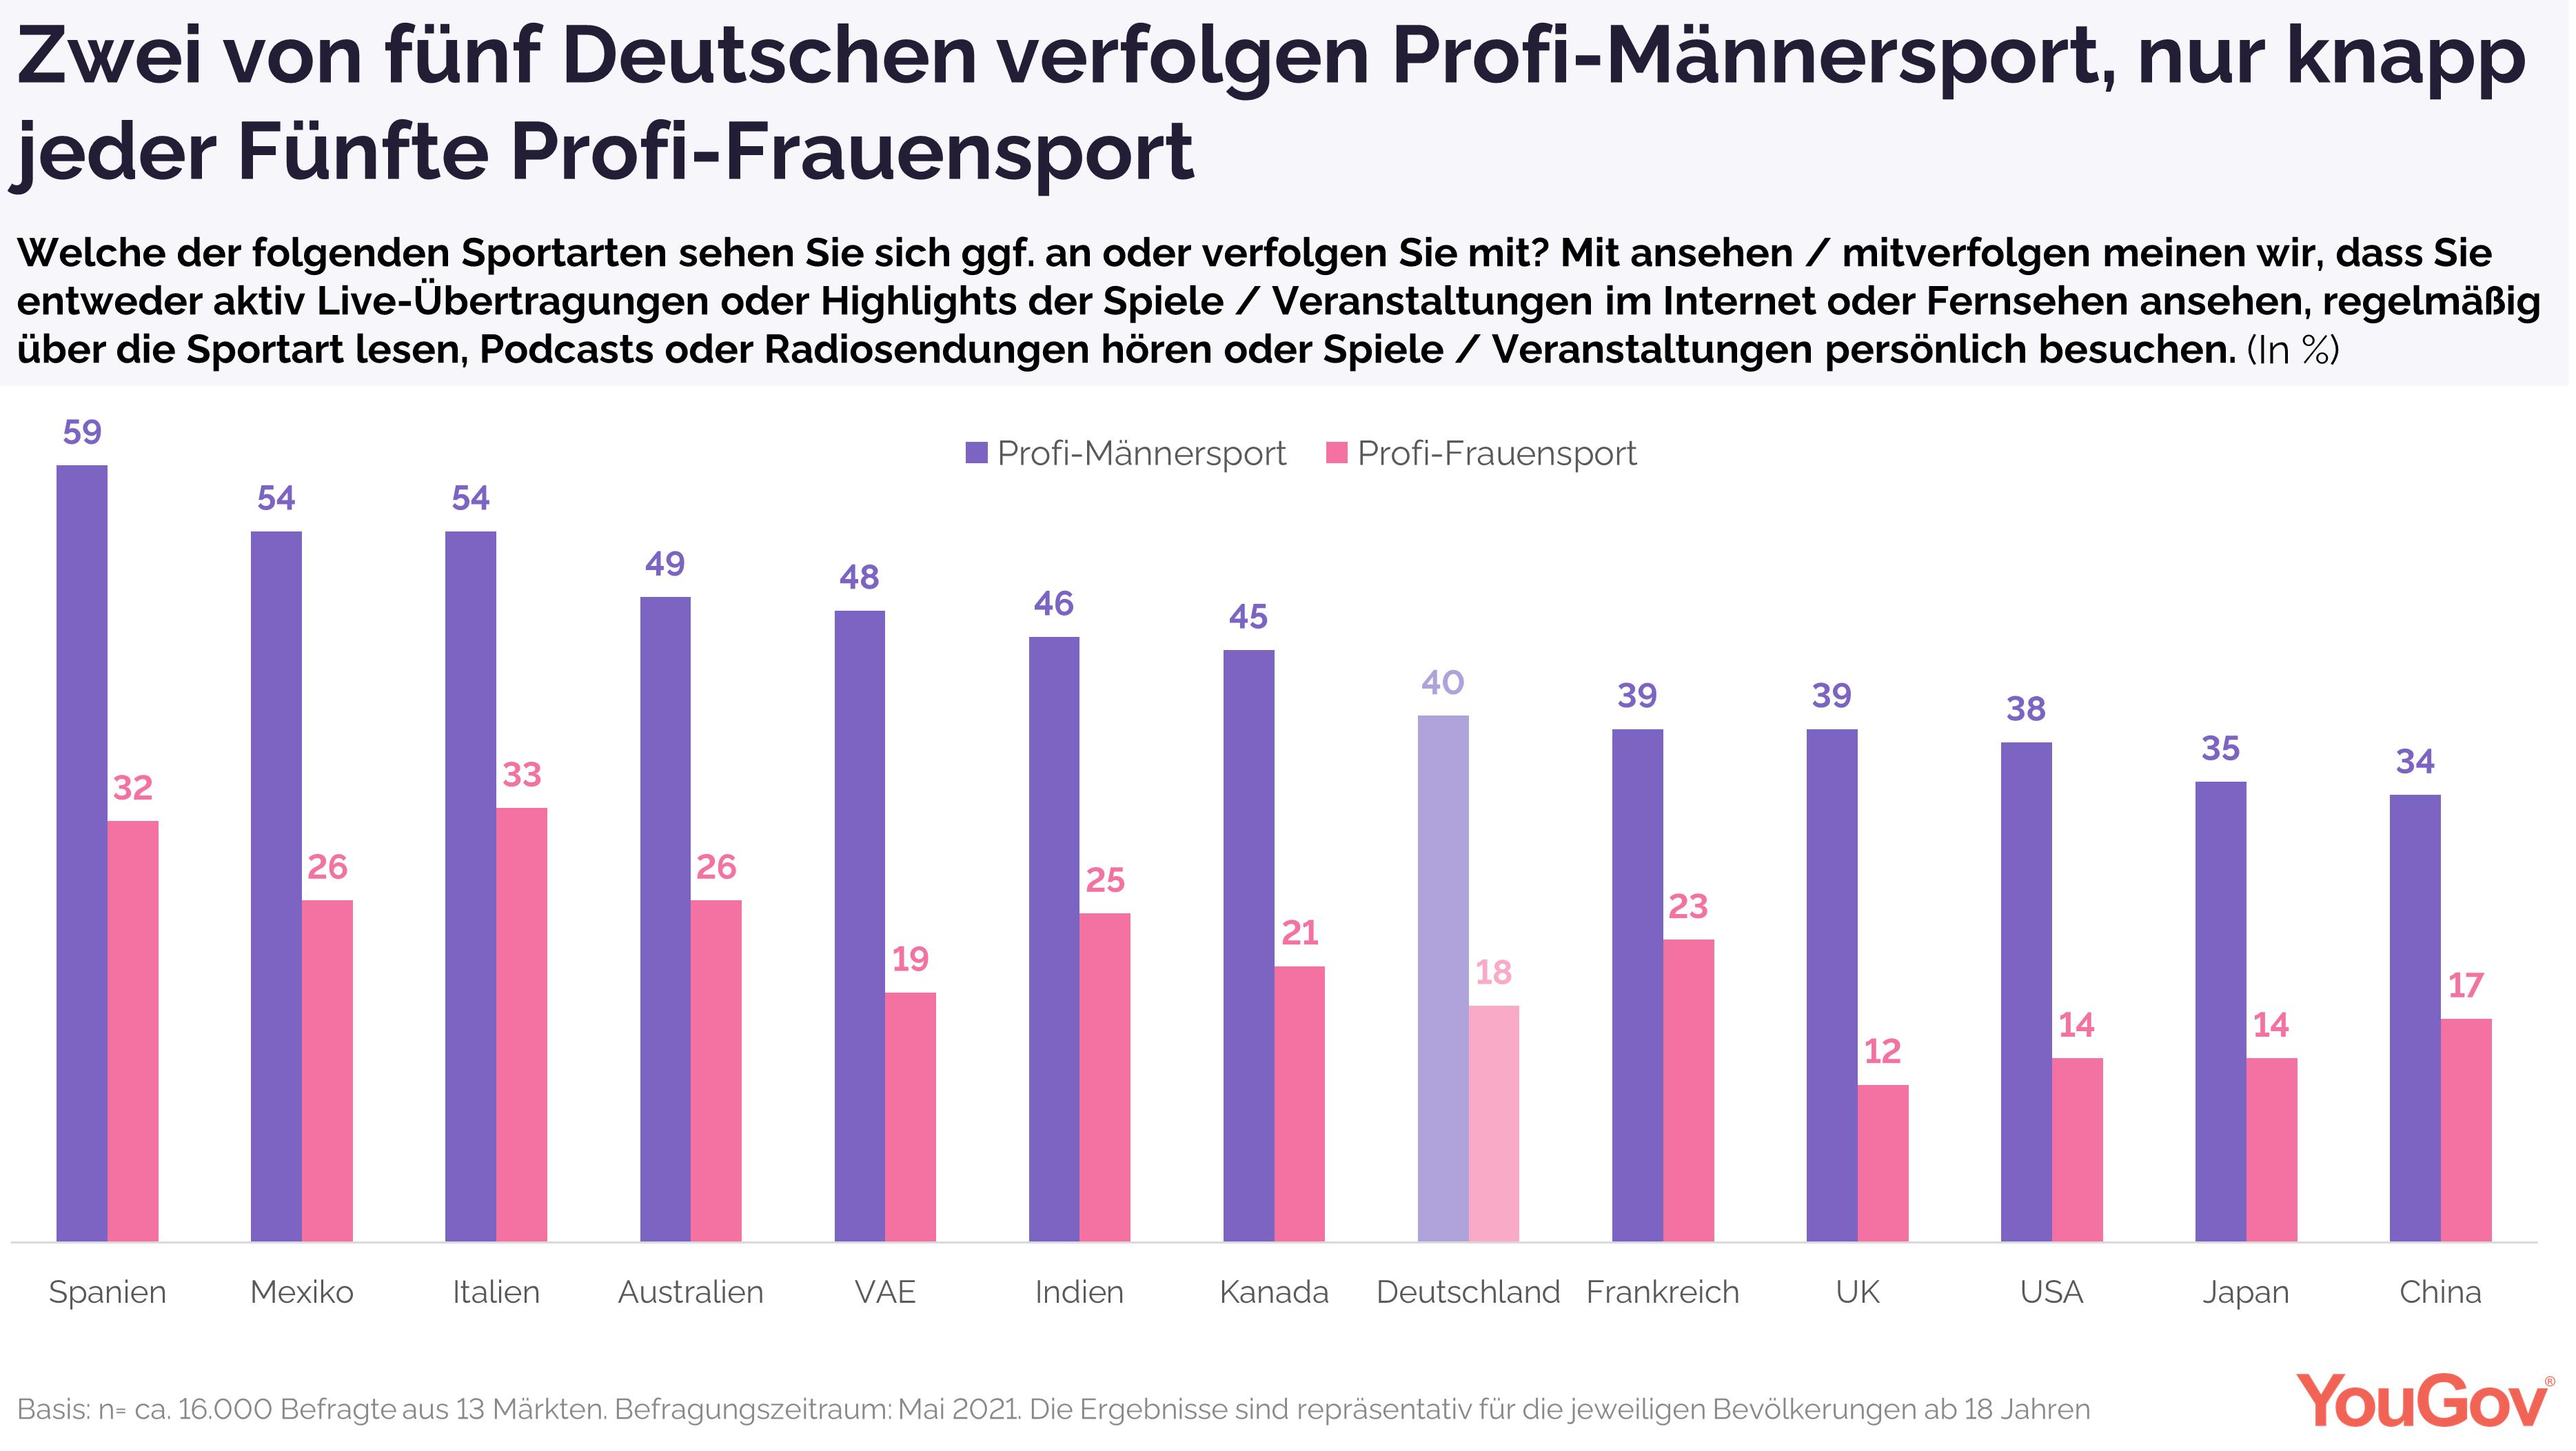 Zwei von fünf Deutschen verfolgen Profi-Männersport, nur knapp jeder Fünfte Profi-Frauensport